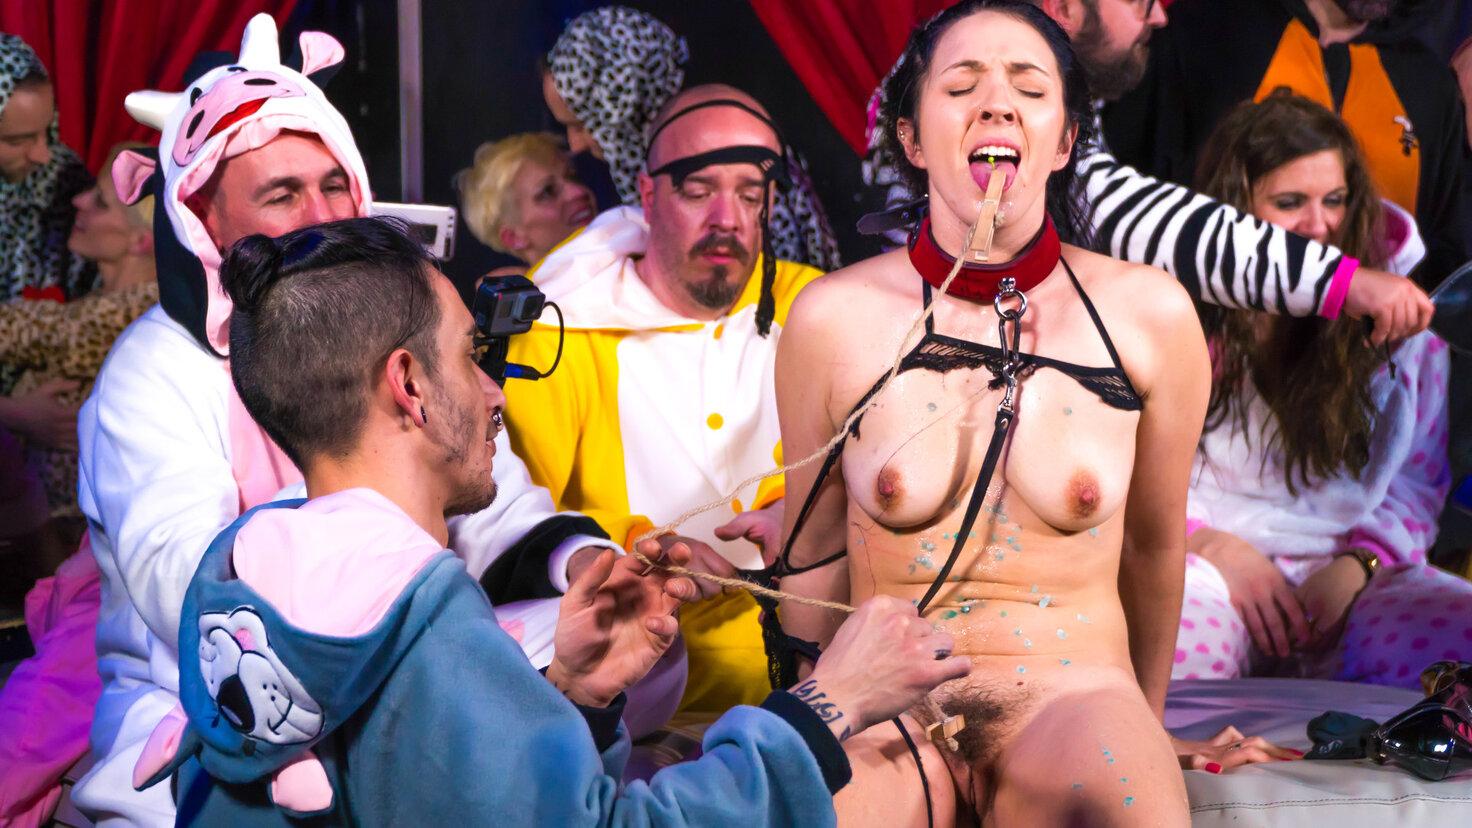 Sexo en grupo fetichista y BDSM con Pamela Snachez